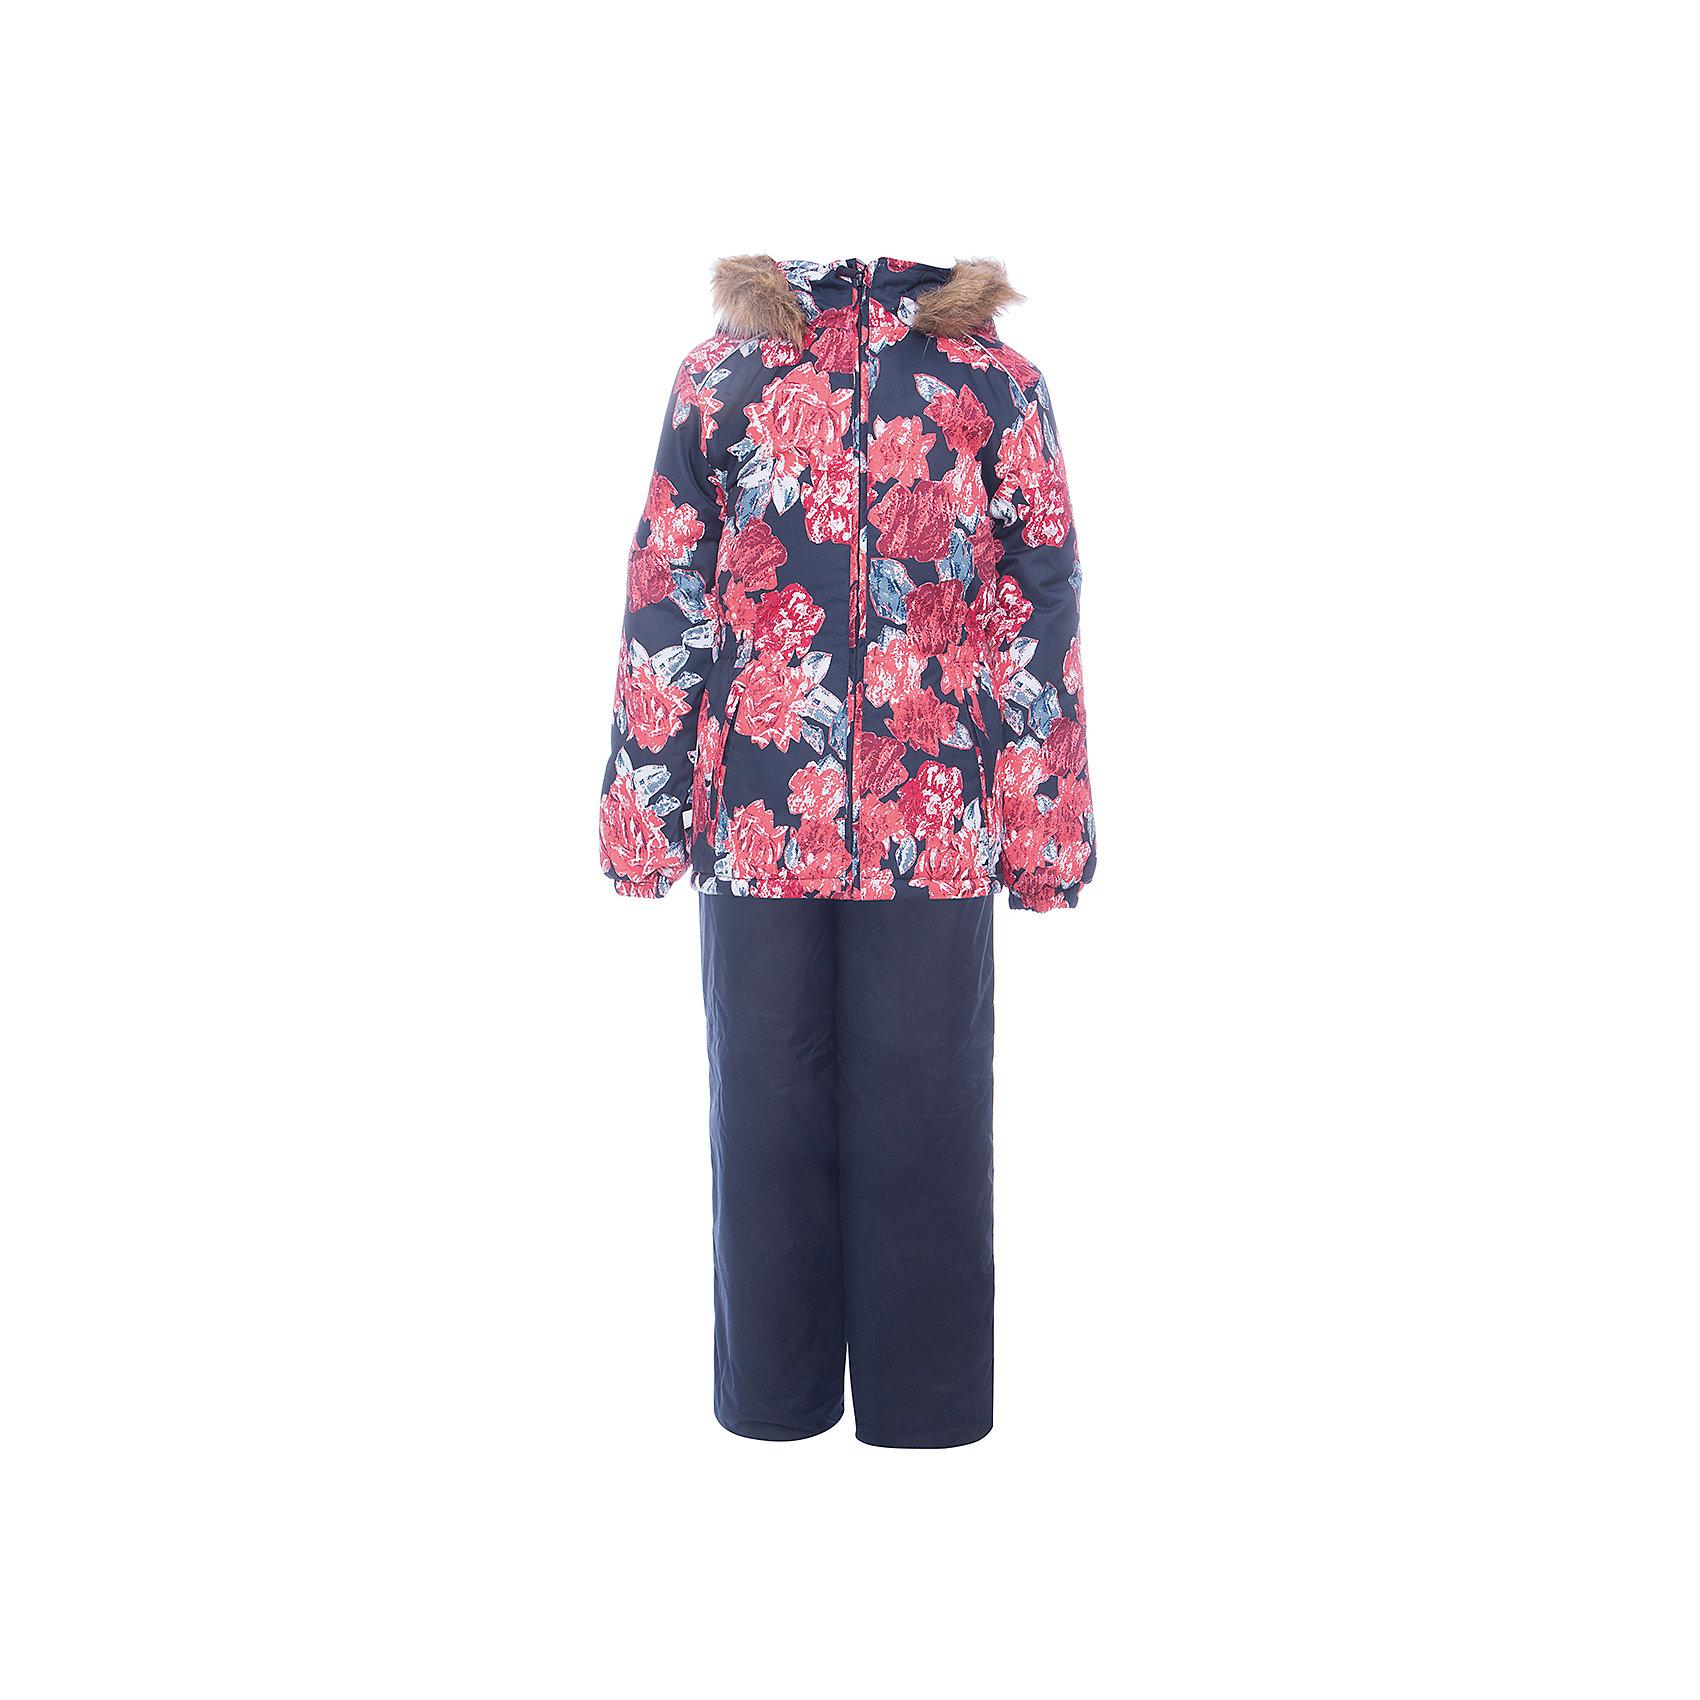 Комплект: куртка и брюки WONDER Huppa для девочкиКомплекты<br>Комплект для девочек WONDER.Водо и воздухонепроницаемость  10 000.Утеплитель 300 гр куртка/160 гр брюки.Подкладка тафта, флис 100% полиэстер.Отстегивающийся капюшон с мехом.Манжеты рукавов на резинке.Регулируемые низы.Внутренняя снегозащита брюк.Швы проклеены.Резиновые подтяжки.Имеются светоотражательные элементы.<br>Состав:<br>100% Полиэстер<br><br>Ширина мм: 356<br>Глубина мм: 10<br>Высота мм: 245<br>Вес г: 519<br>Цвет: синий<br>Возраст от месяцев: 108<br>Возраст до месяцев: 120<br>Пол: Женский<br>Возраст: Детский<br>Размер: 140,92,98,104,110,116,122,128,134<br>SKU: 7027088